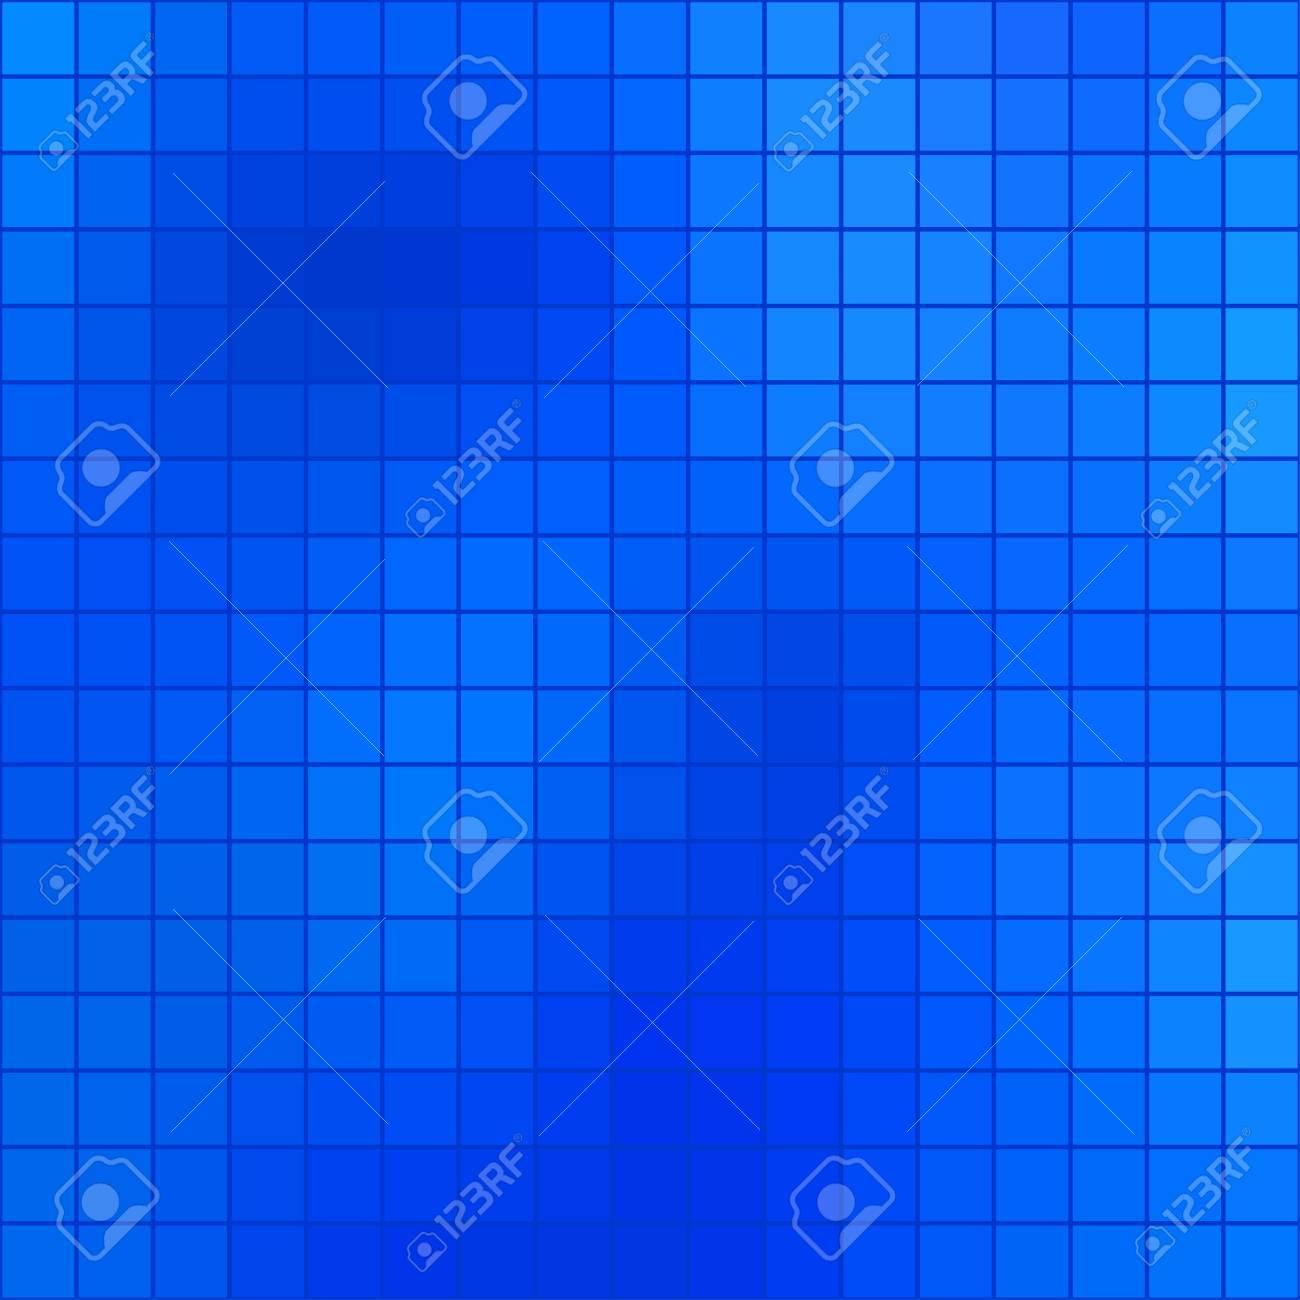 Resuma El Fondo Cuadrado Coloreado Del Azulejo De Mosaico Cuadrado ...